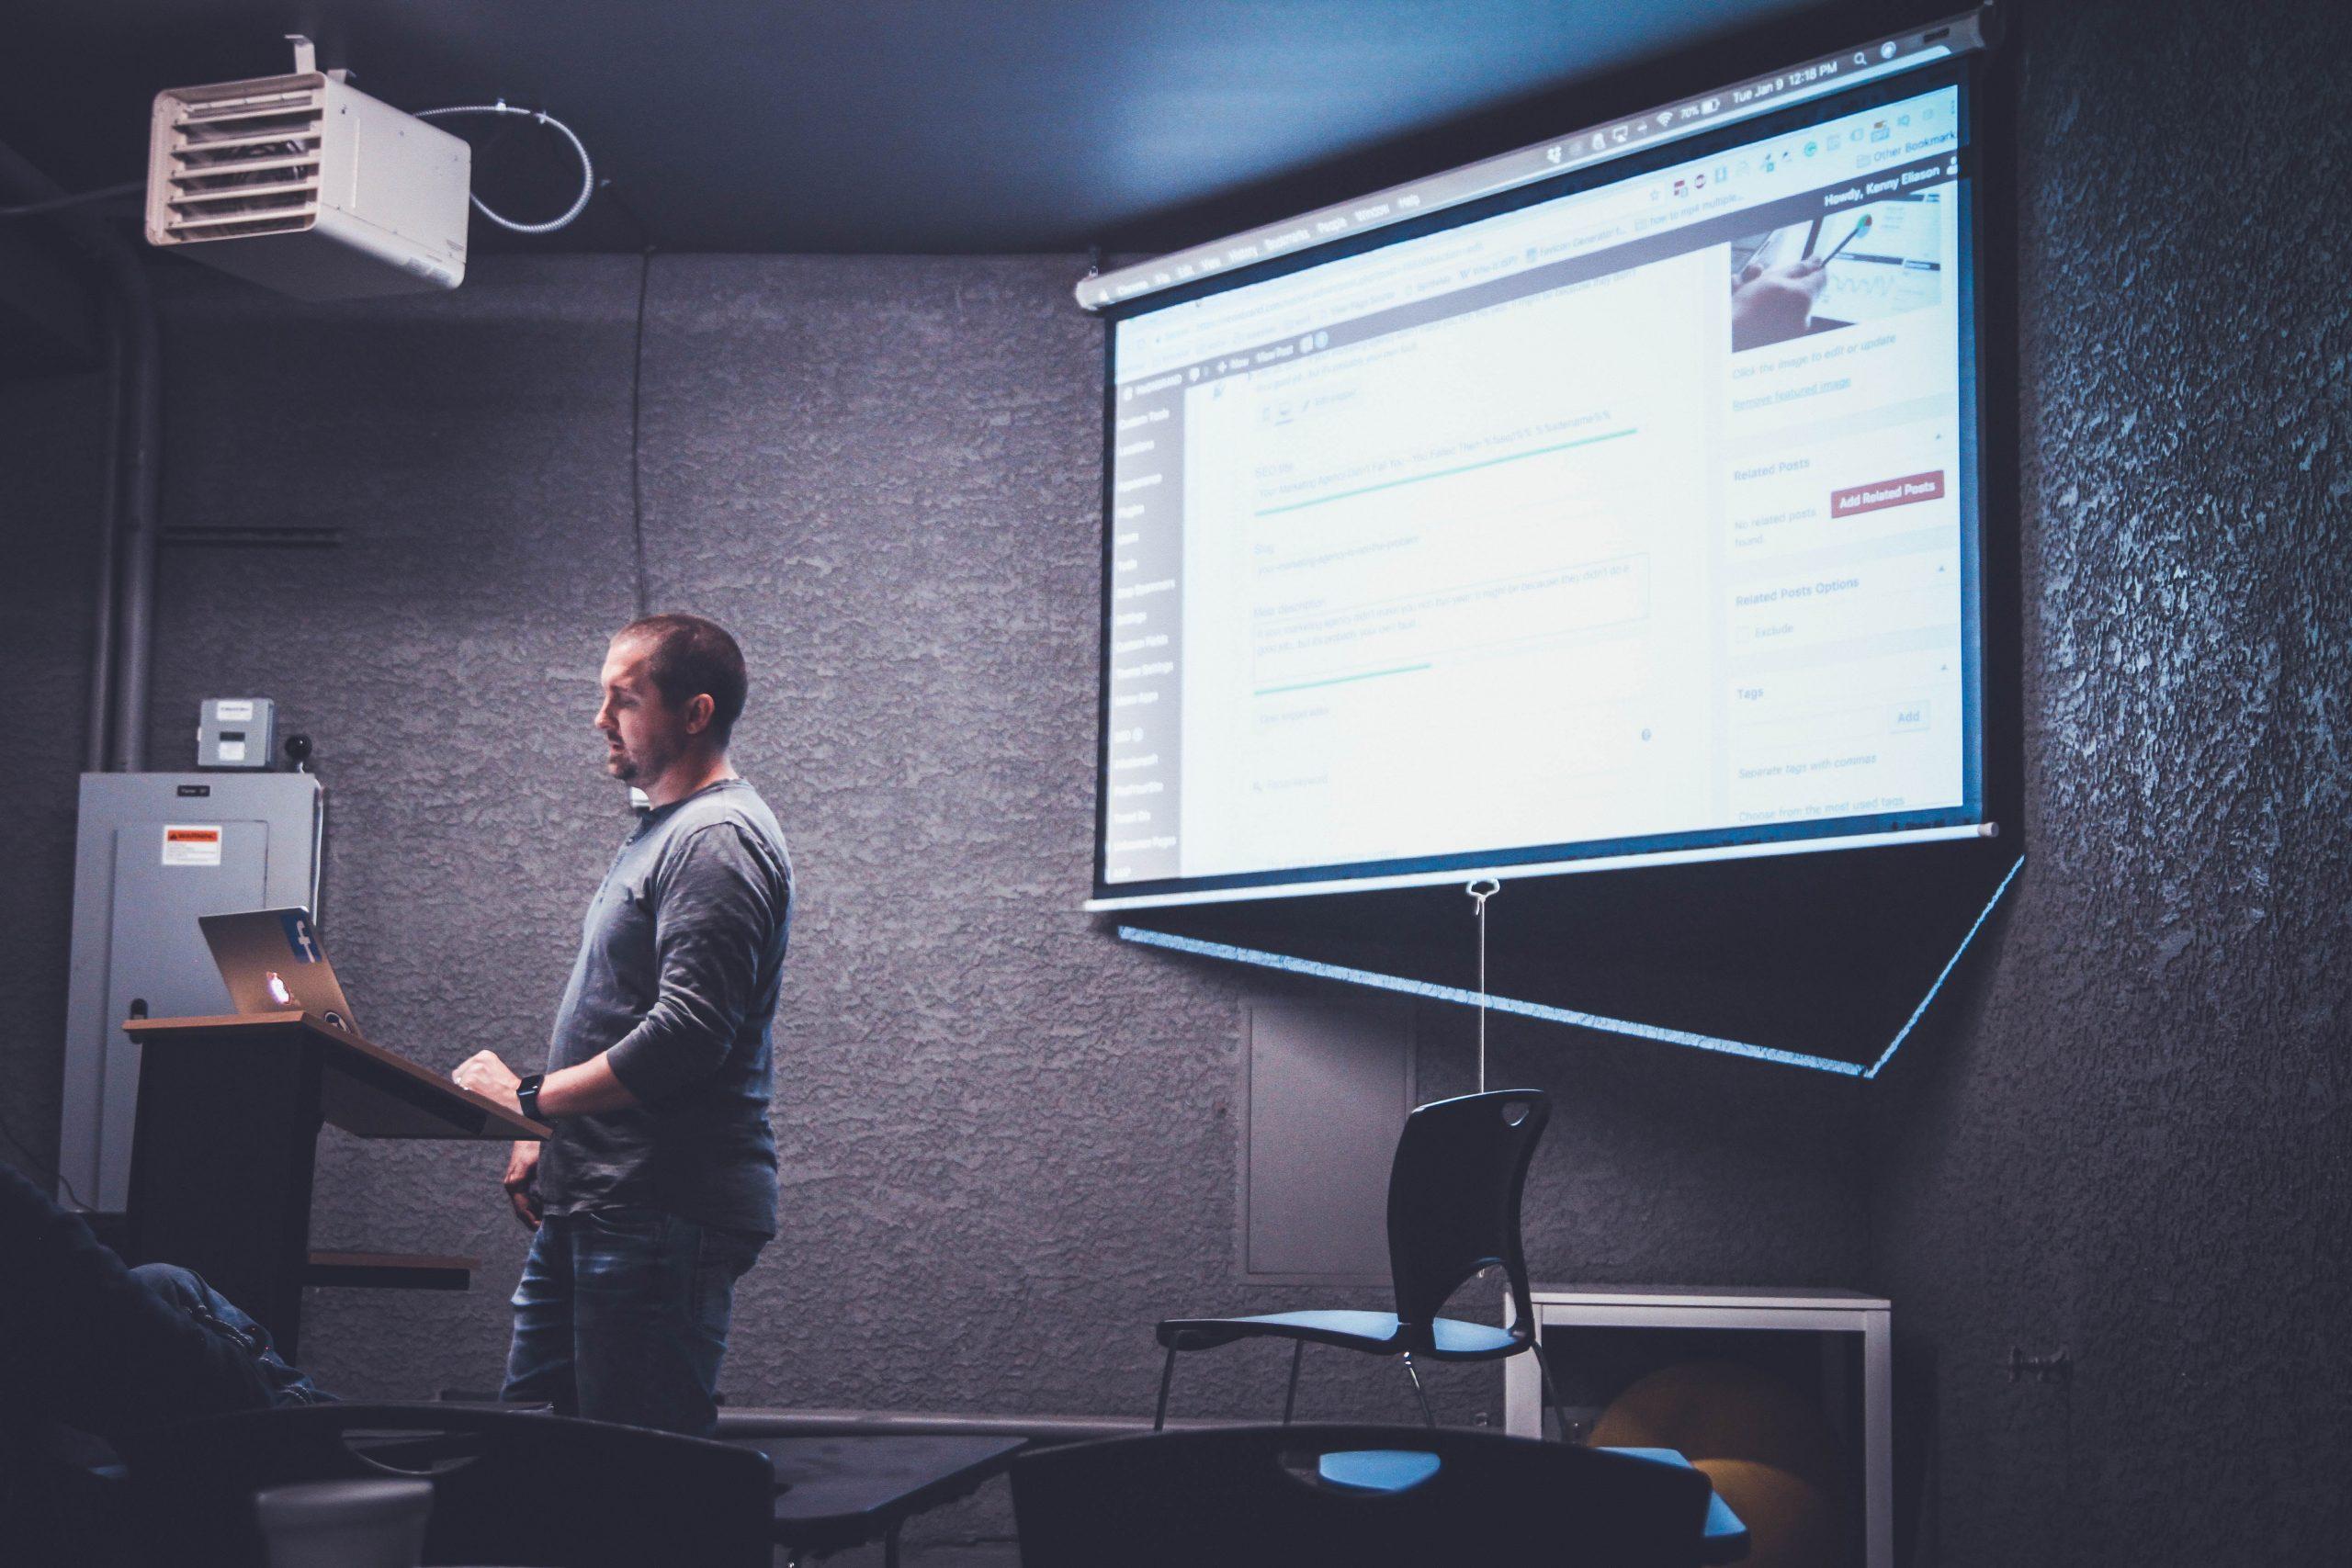 Comment Choisir Un Vidéoprojecteur les avantages d'un vidéoprojecteur en entreprise - suite